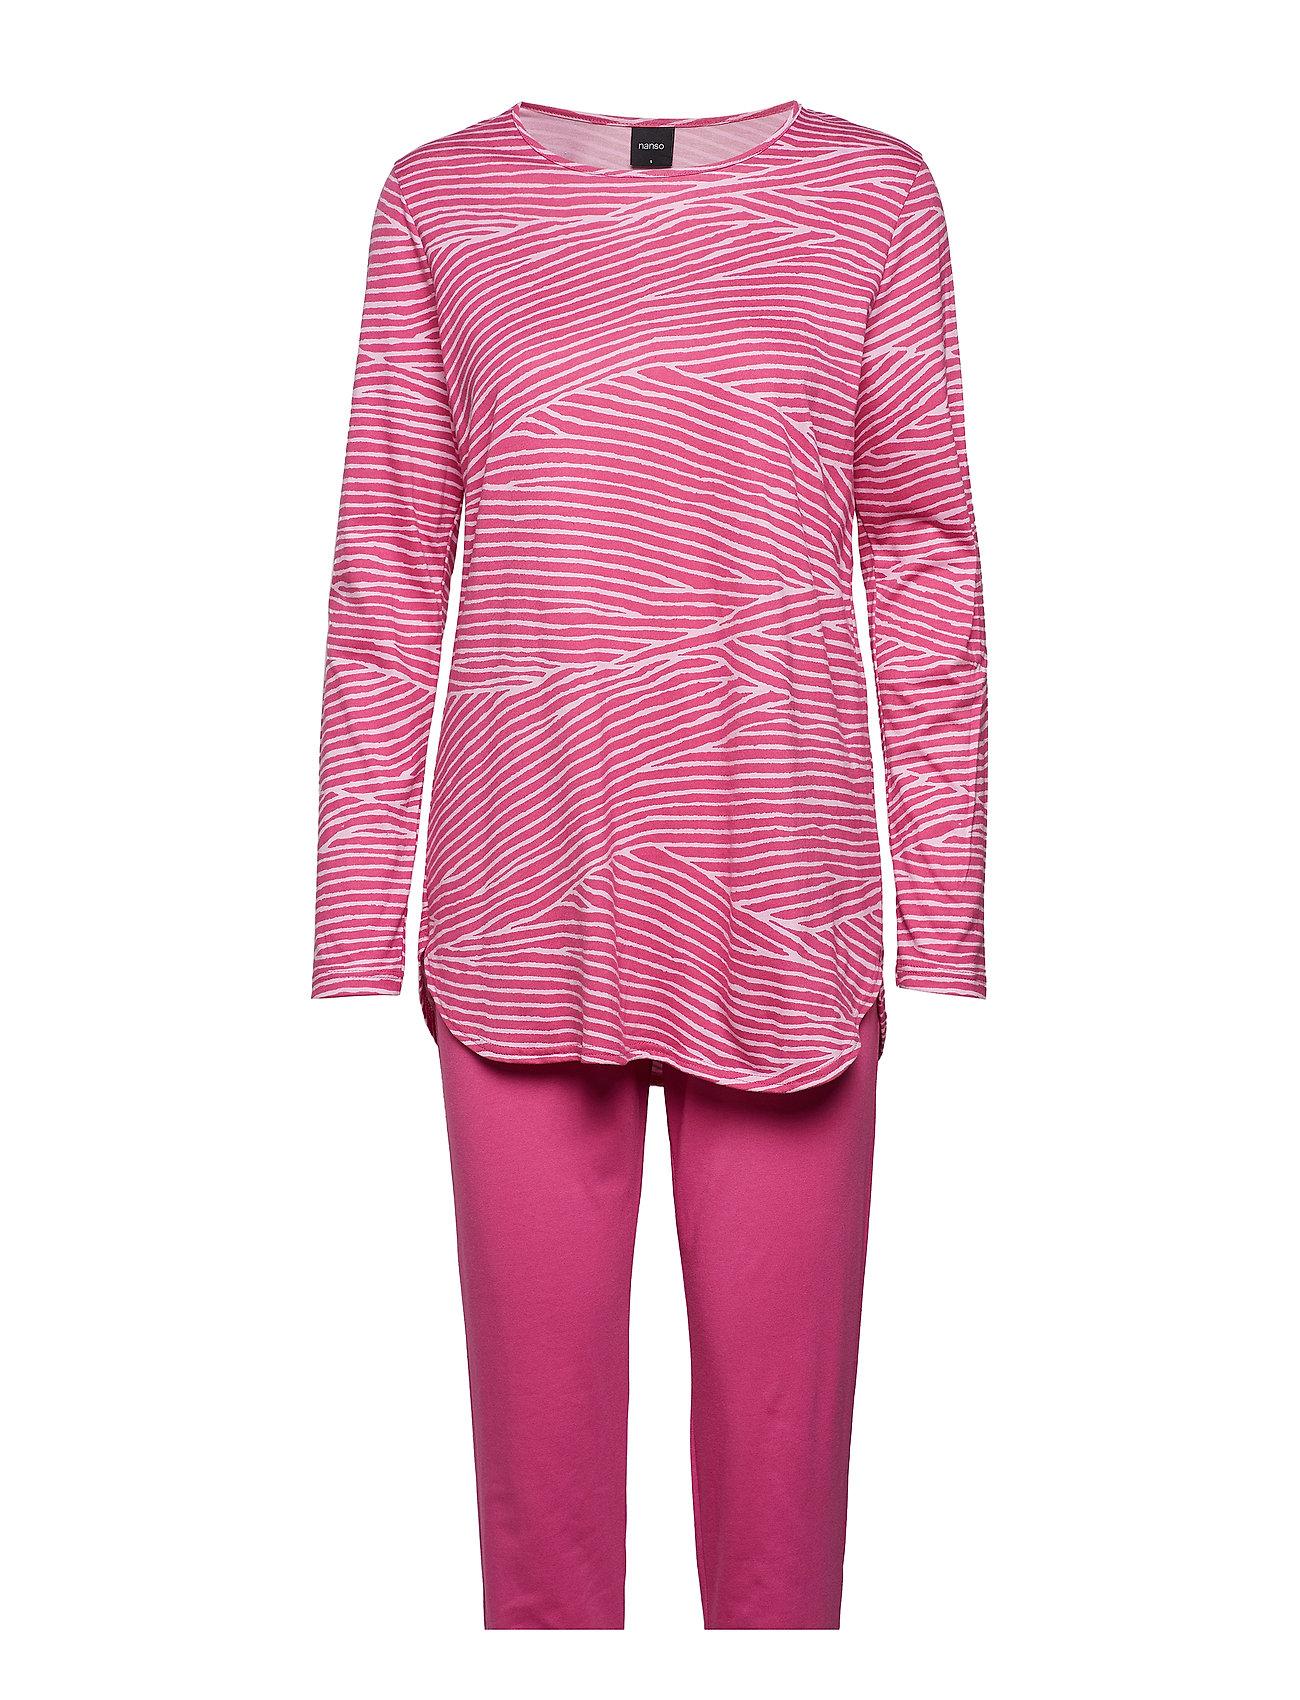 Image of Ladies Pyjamas, Vuoristo (3070272181)